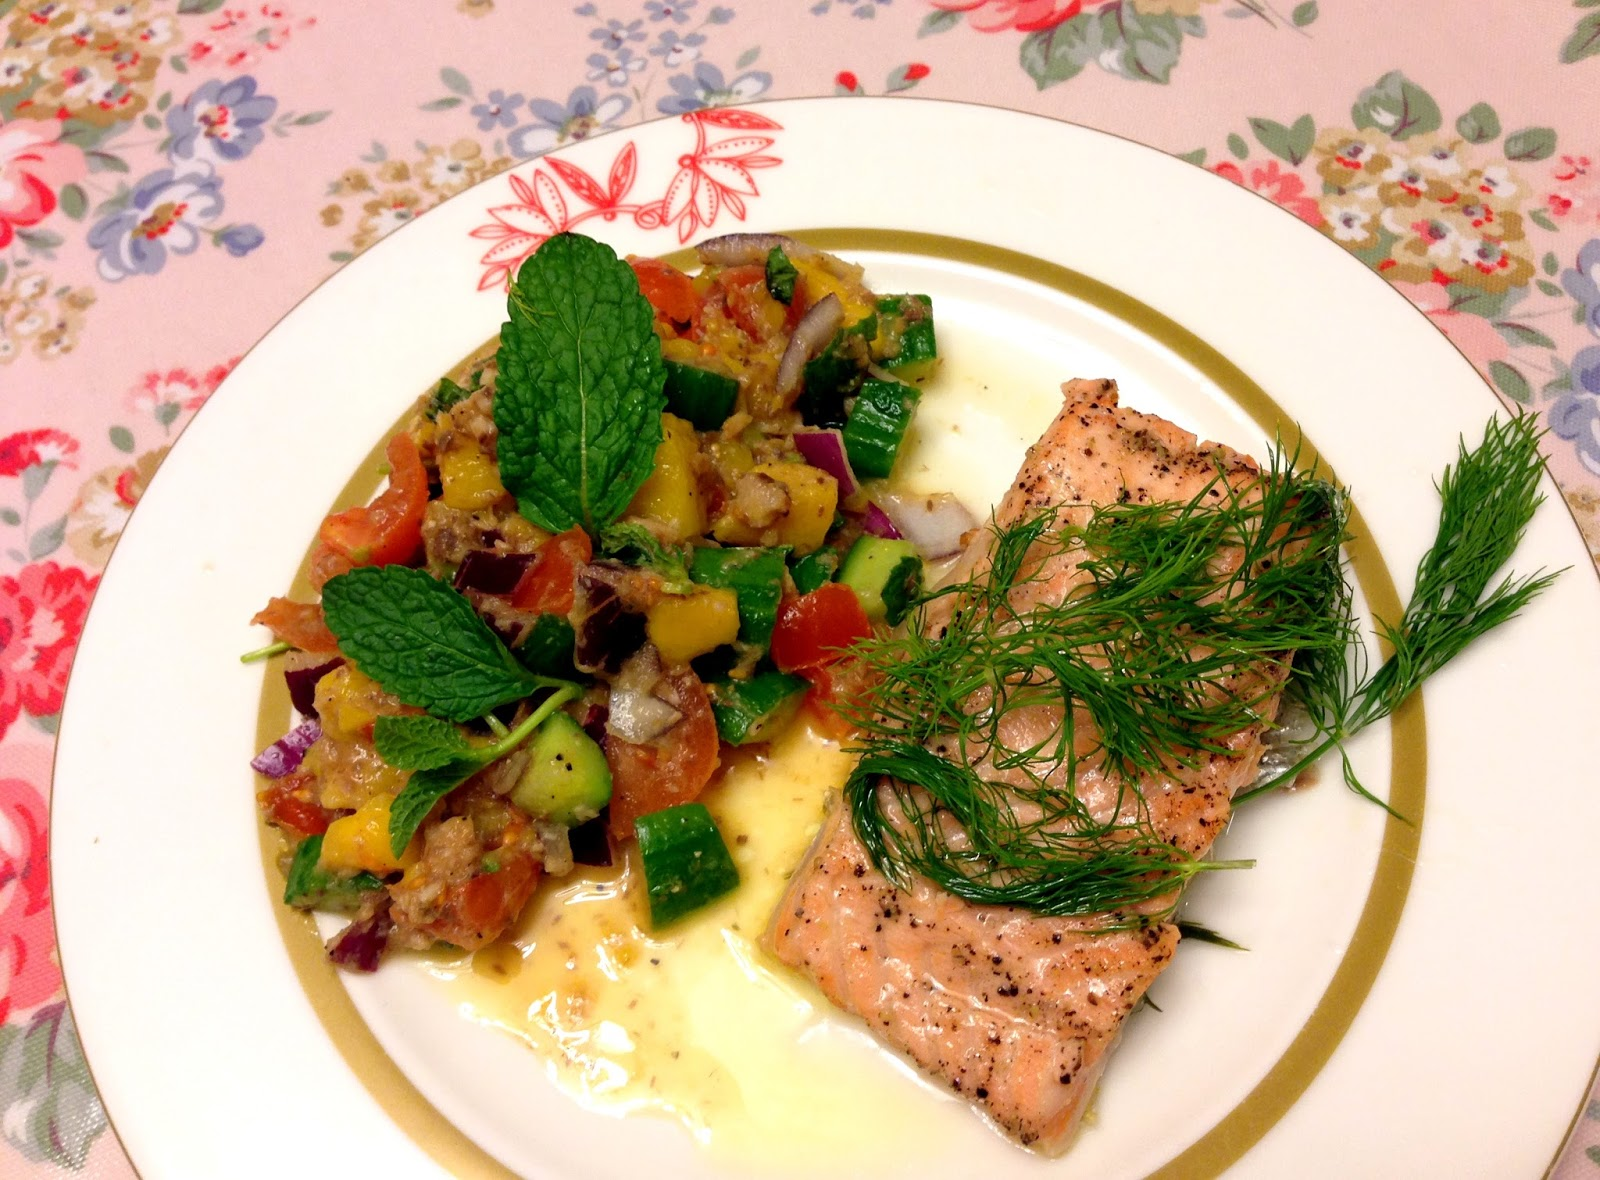 芒果沙甸魚沙律配蔬菜湯浸三文魚